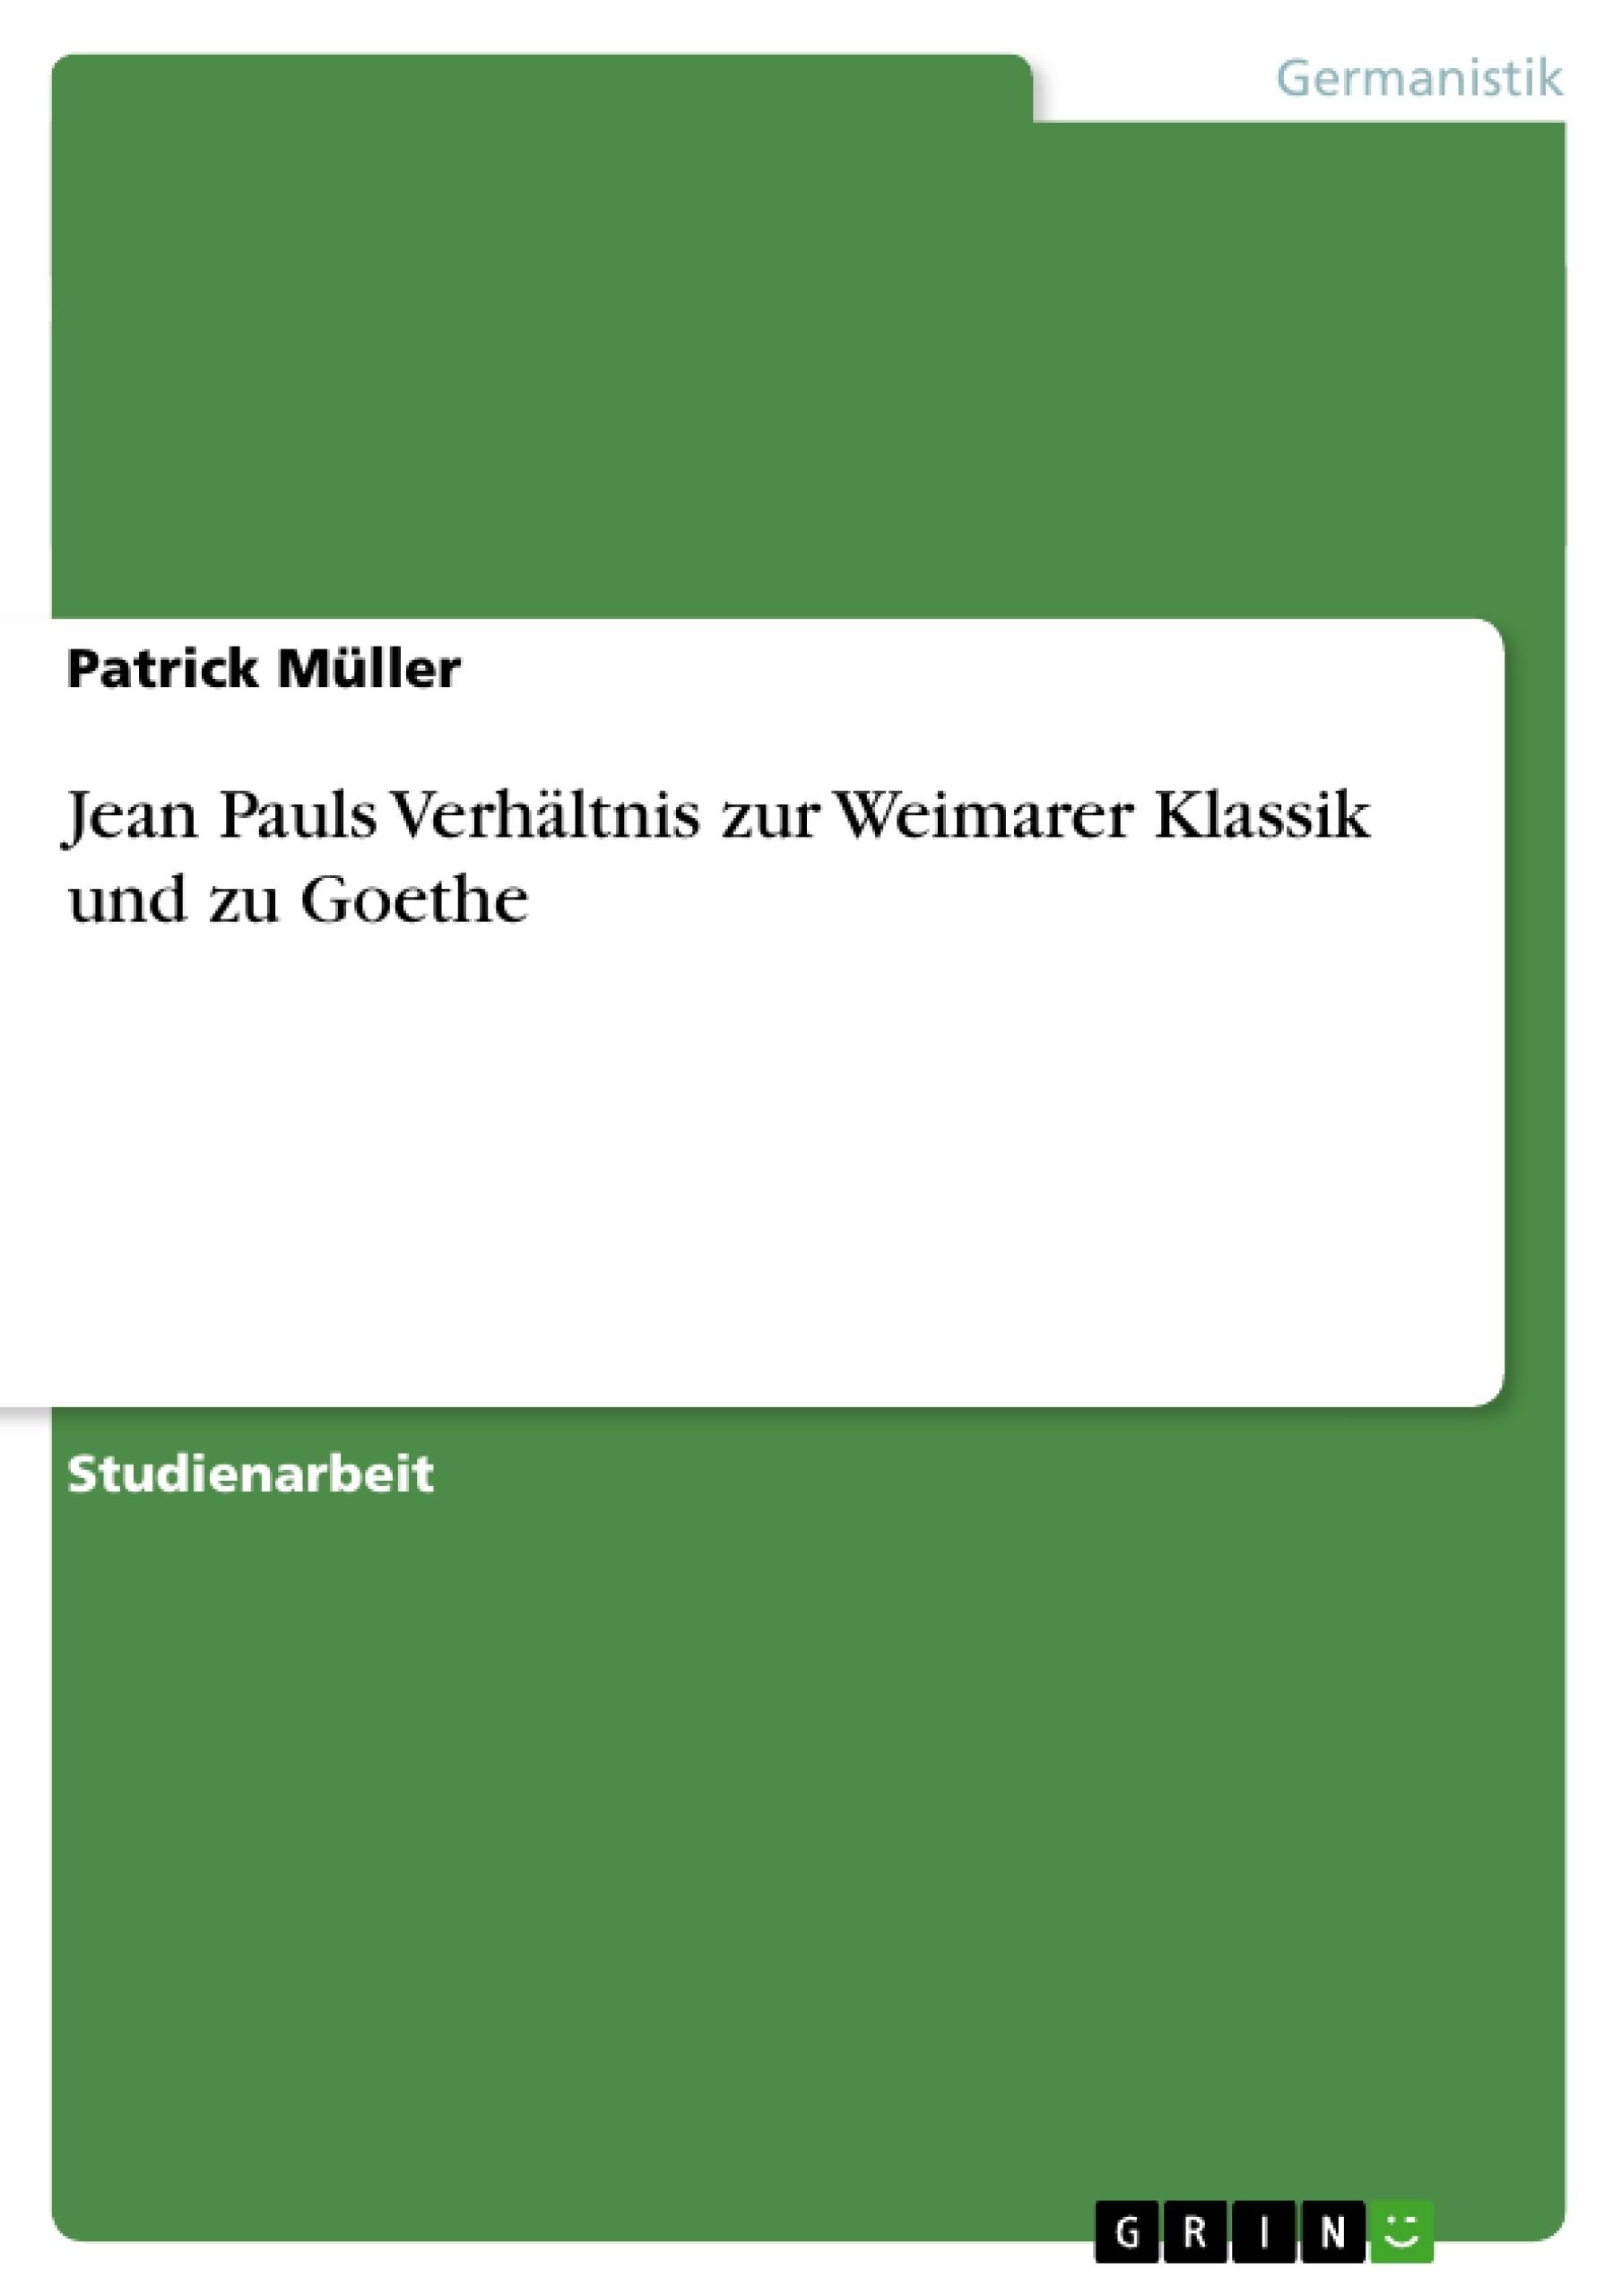 Titel: Jean Pauls Verhältnis zur Weimarer Klassik und zu Goethe